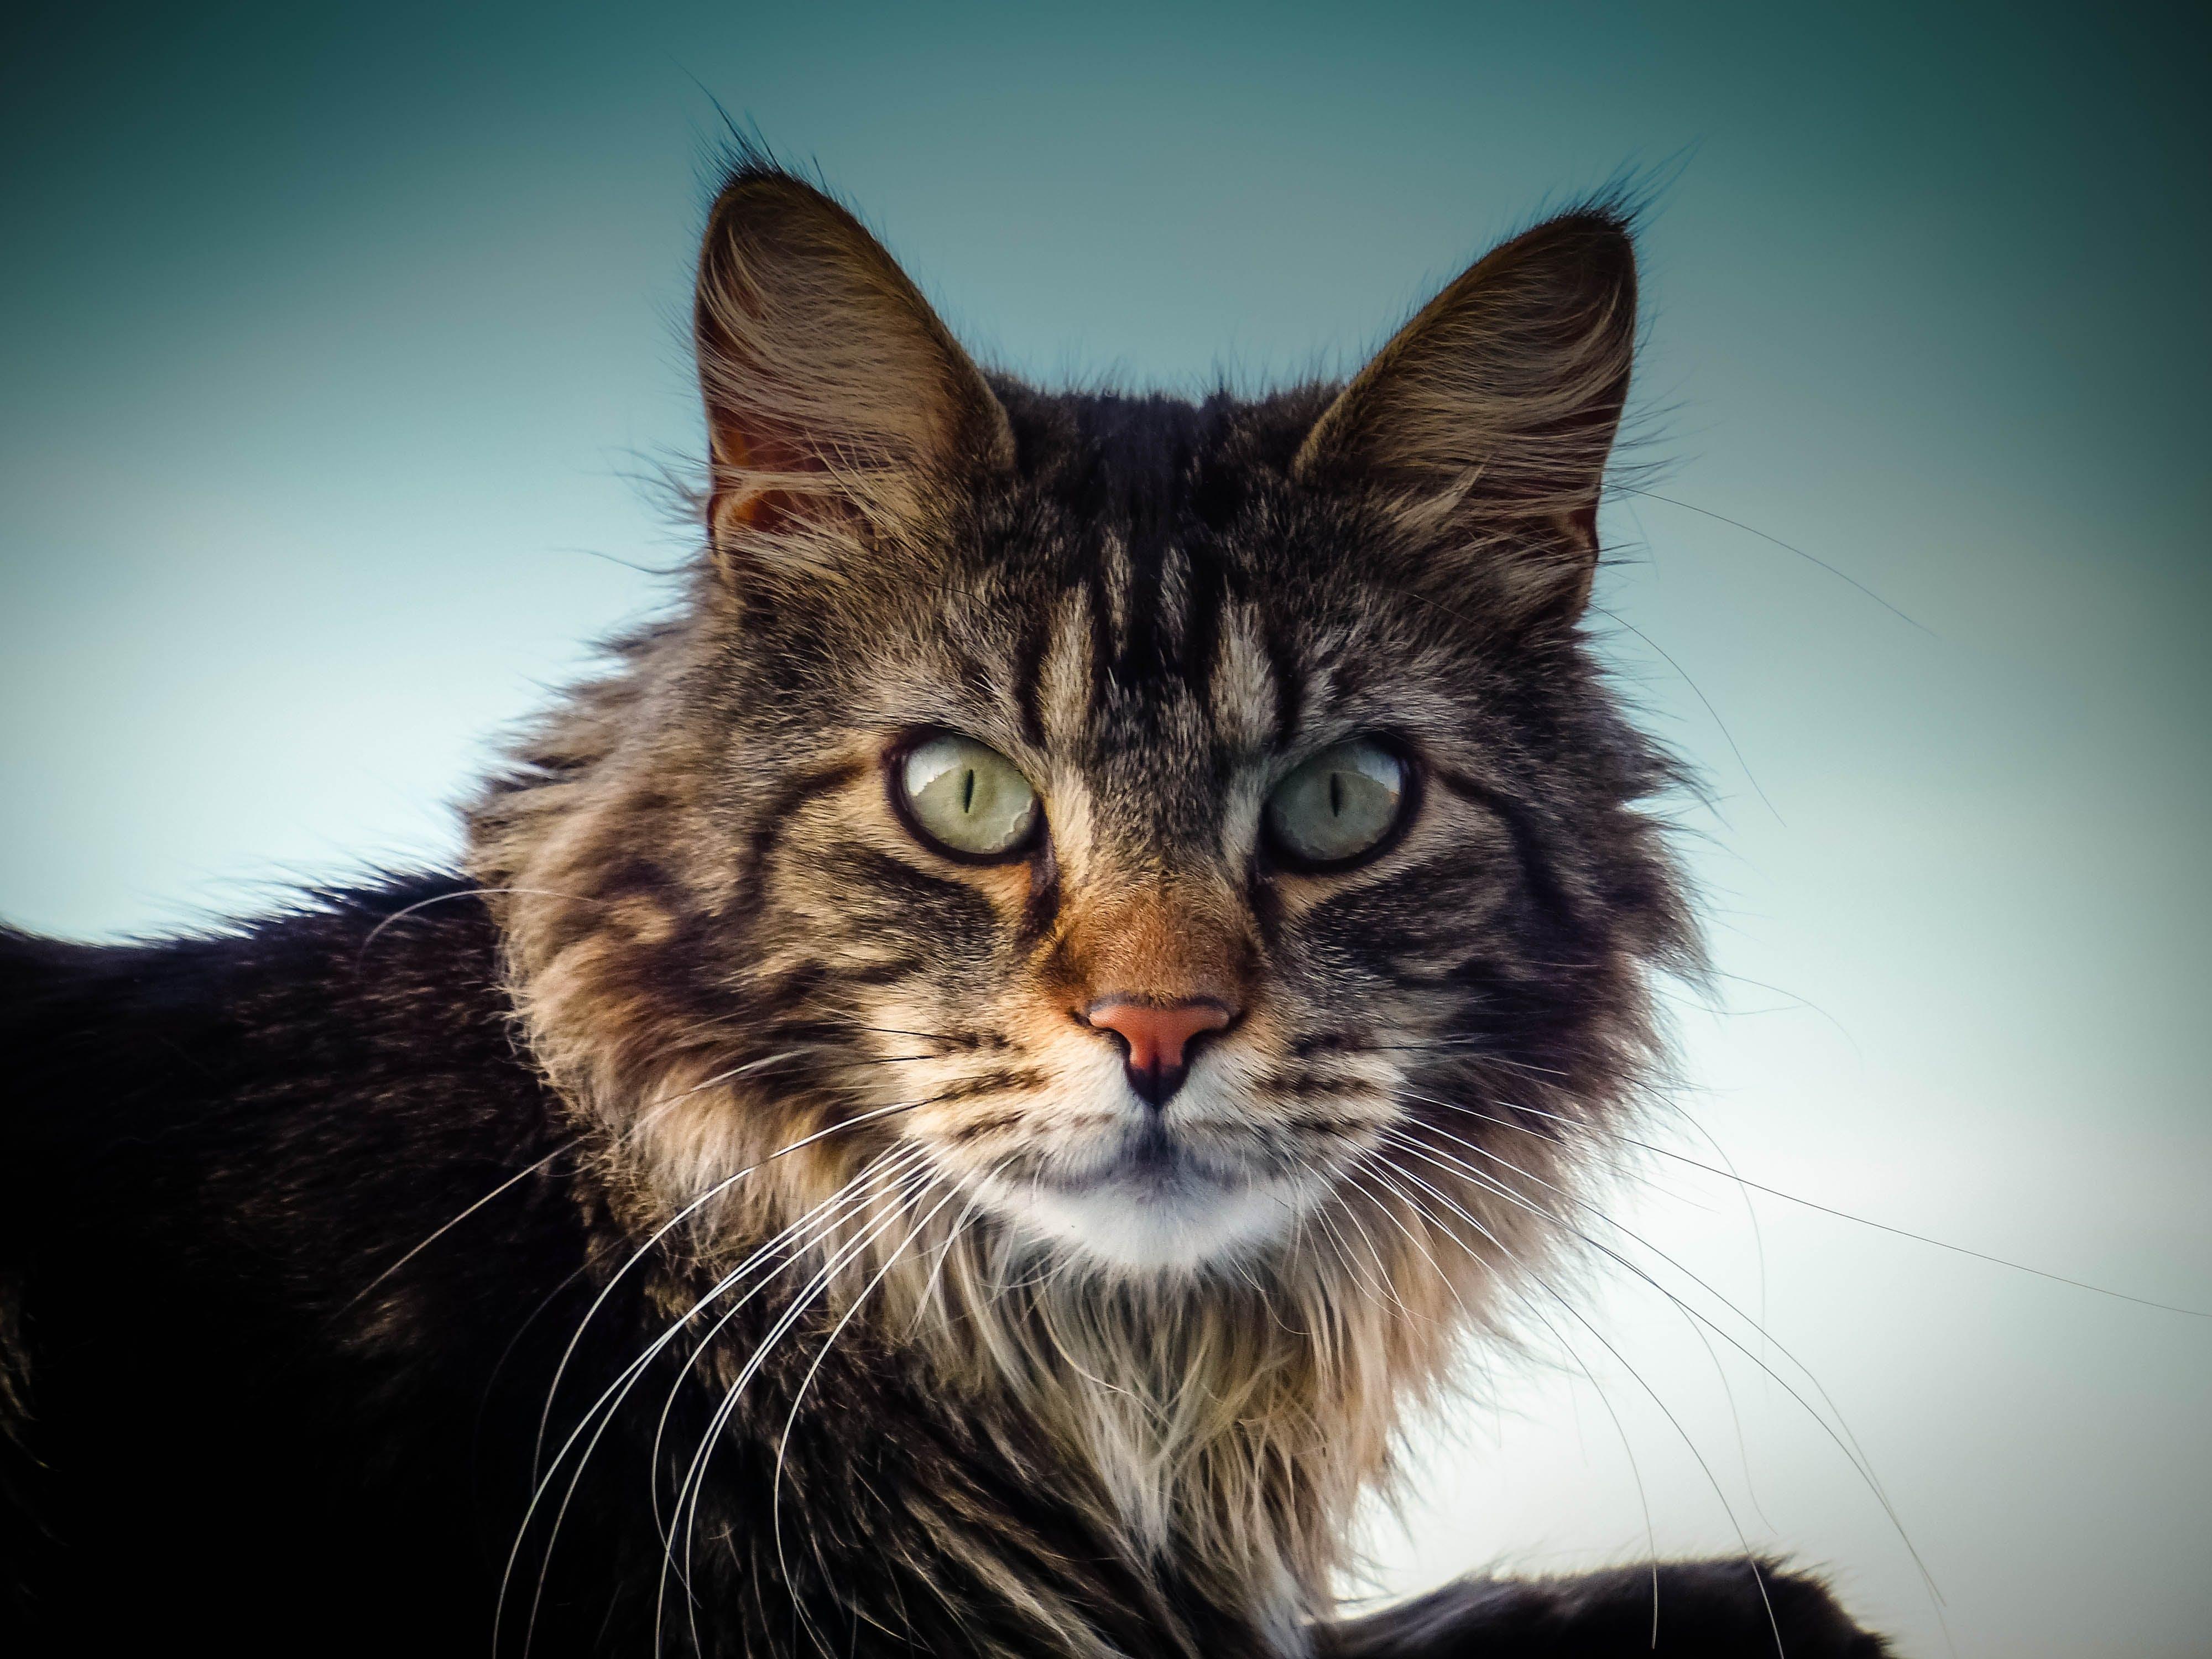 animal, cat, cat face